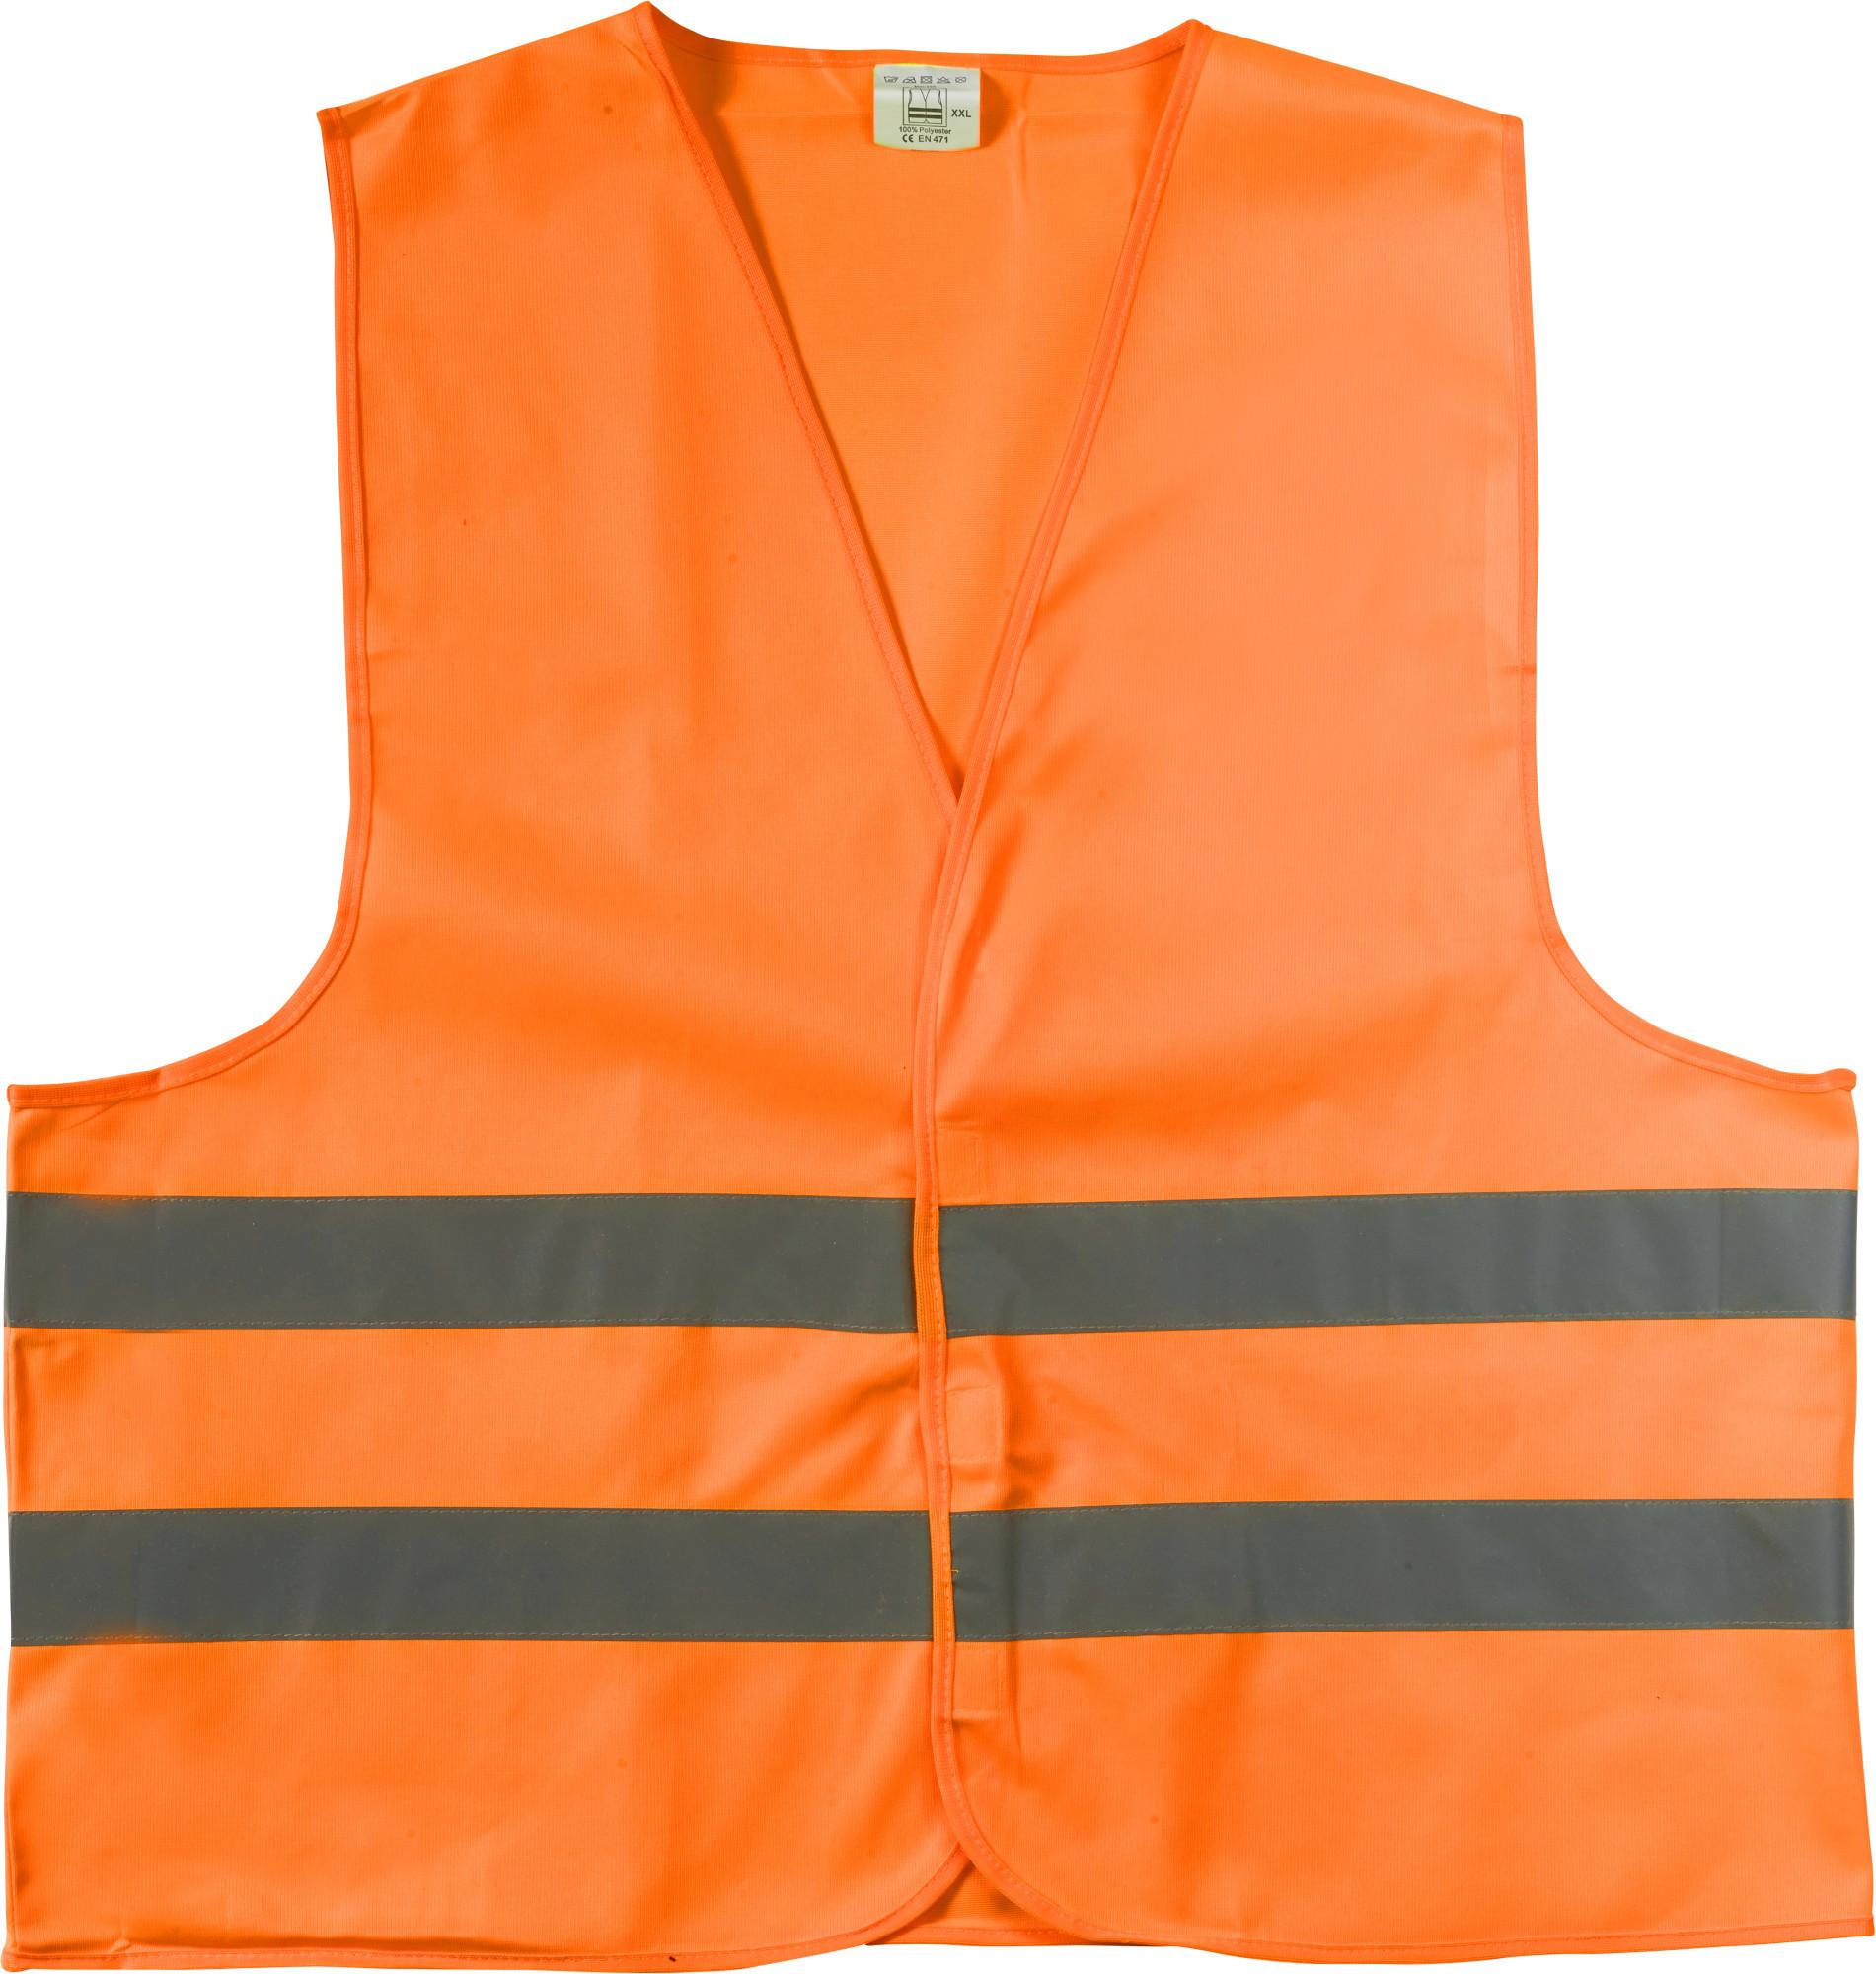 Gilet de sécurité en polyester pour adulte - 19-1196-6